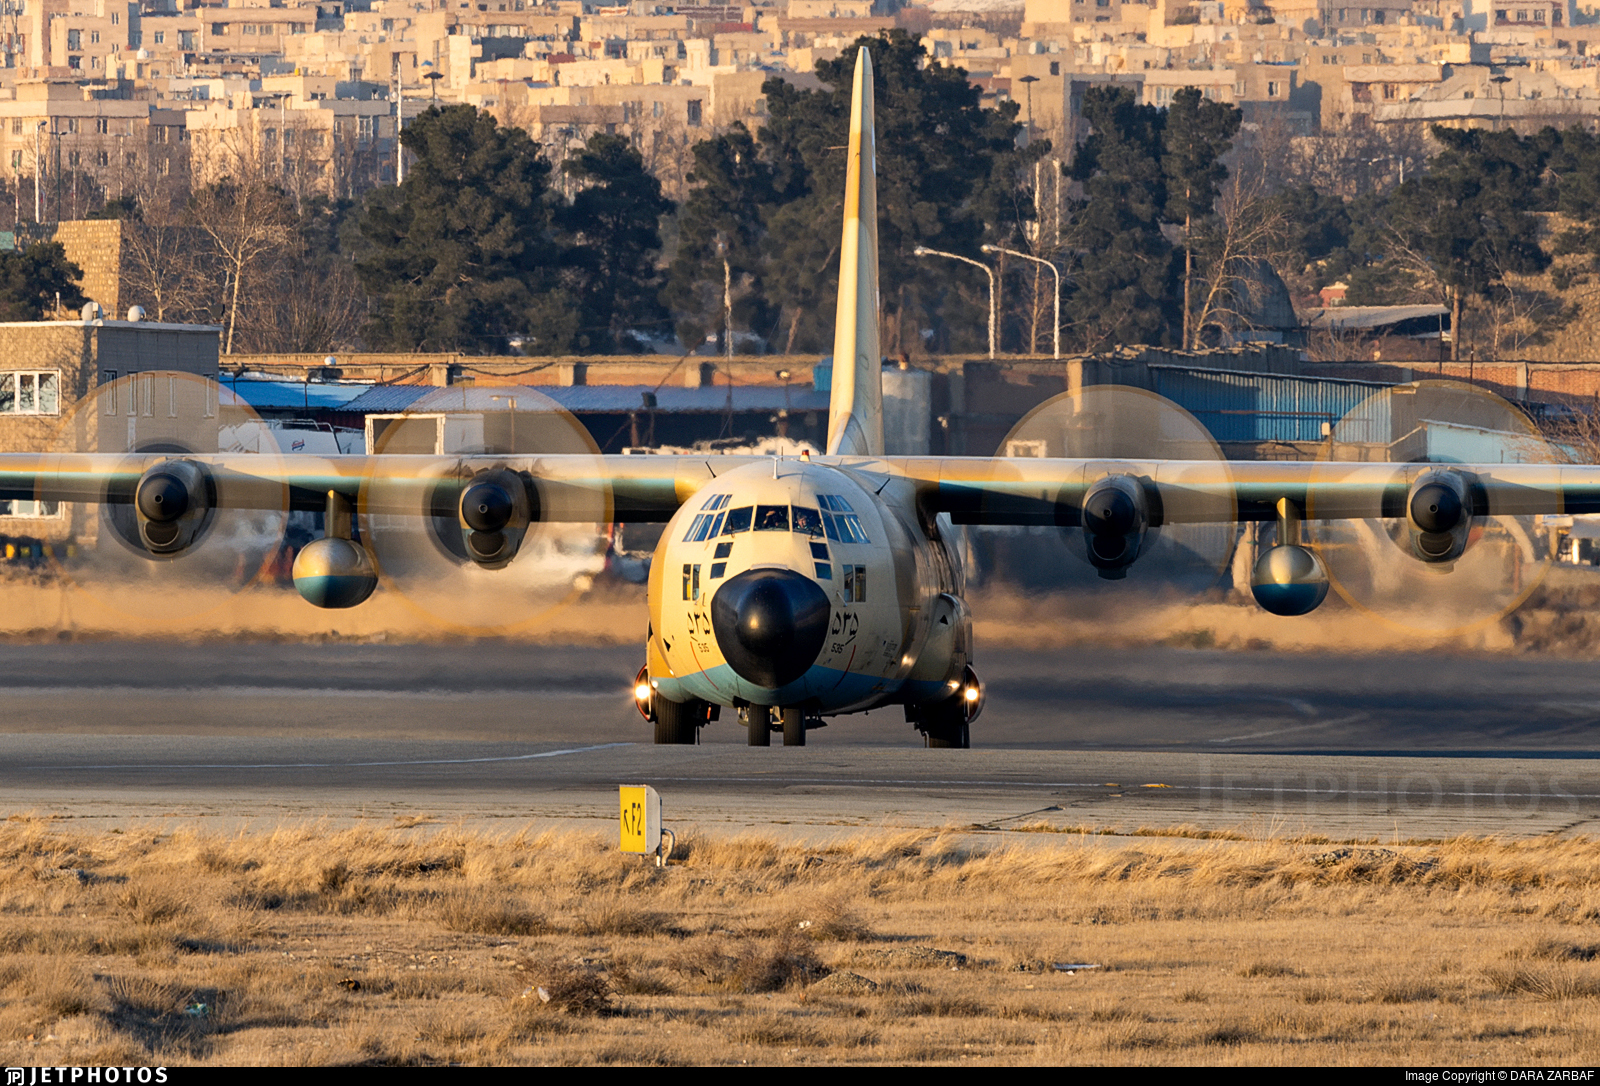 5-8508 - Lockheed C-130E Hercules - Iran - Air Force